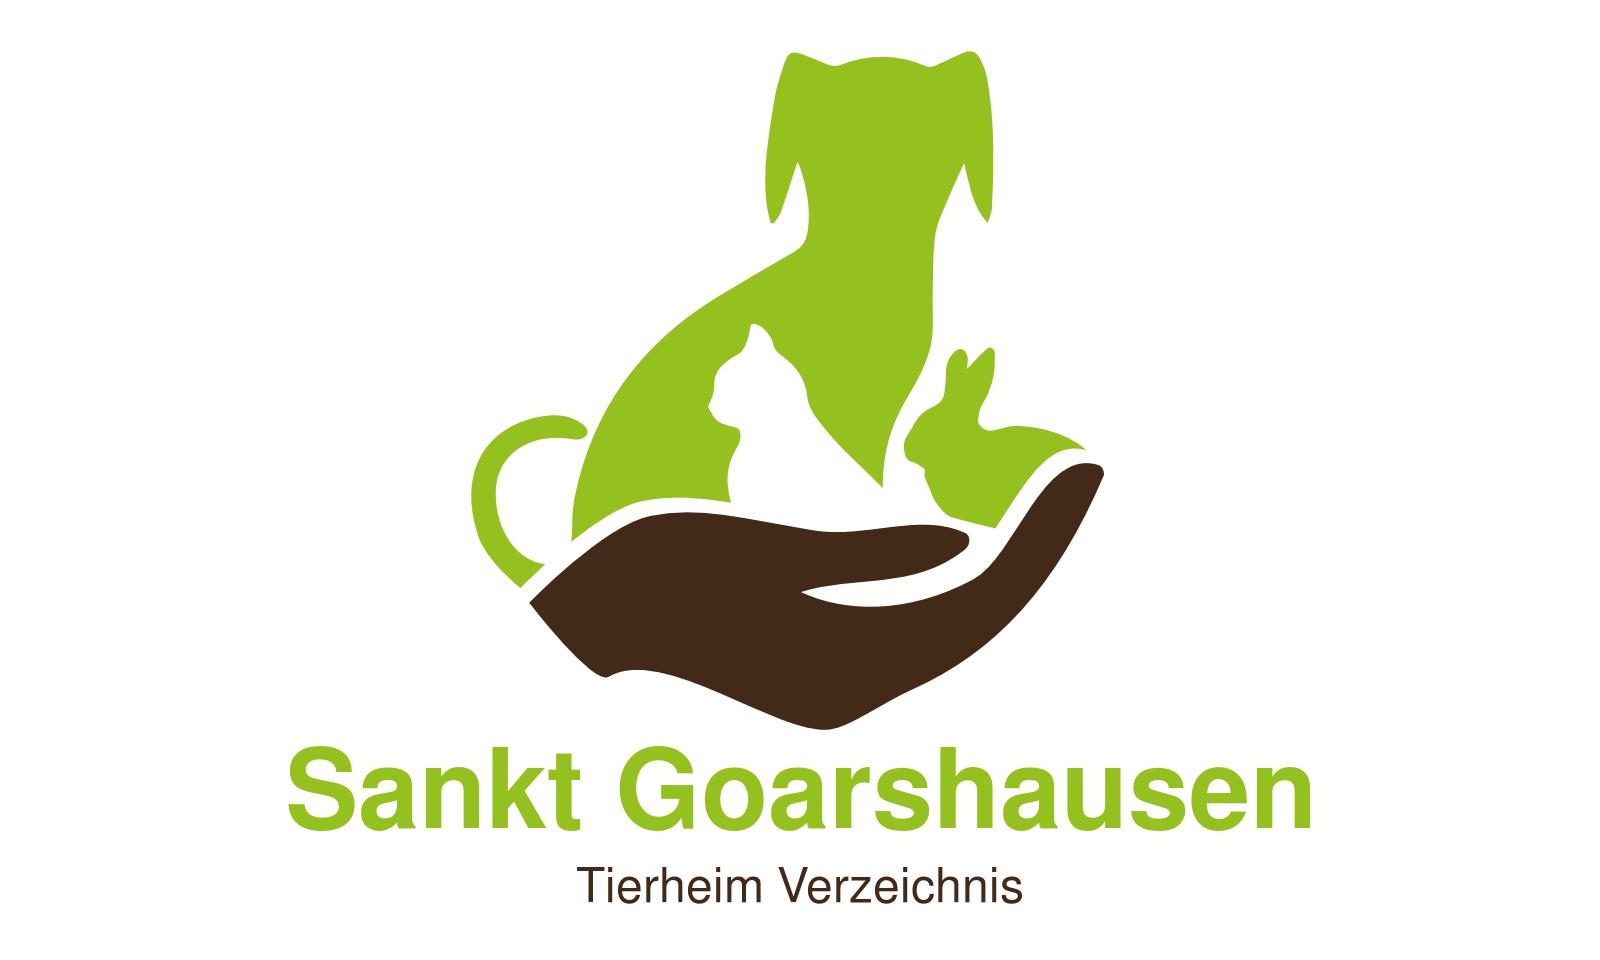 Tierheim Sankt Goarshausen